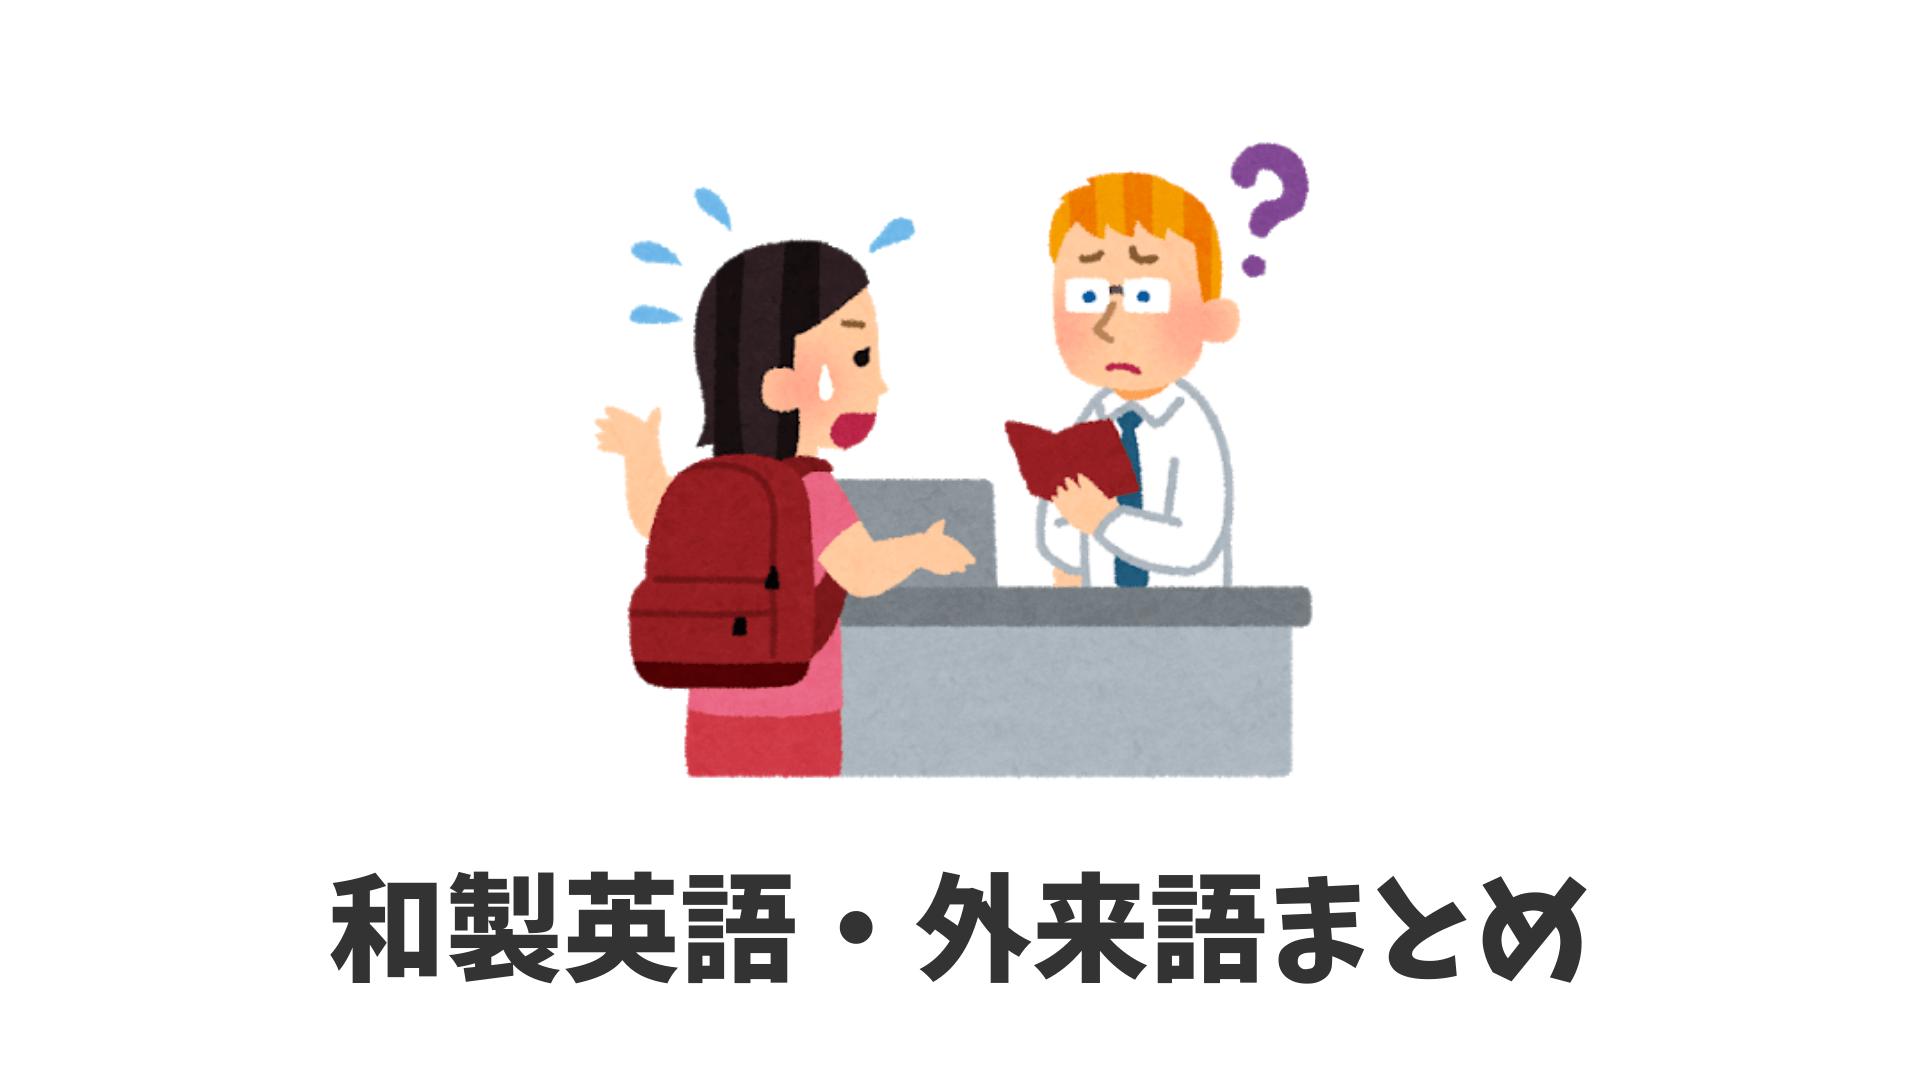 和製英語・外来語まとめ